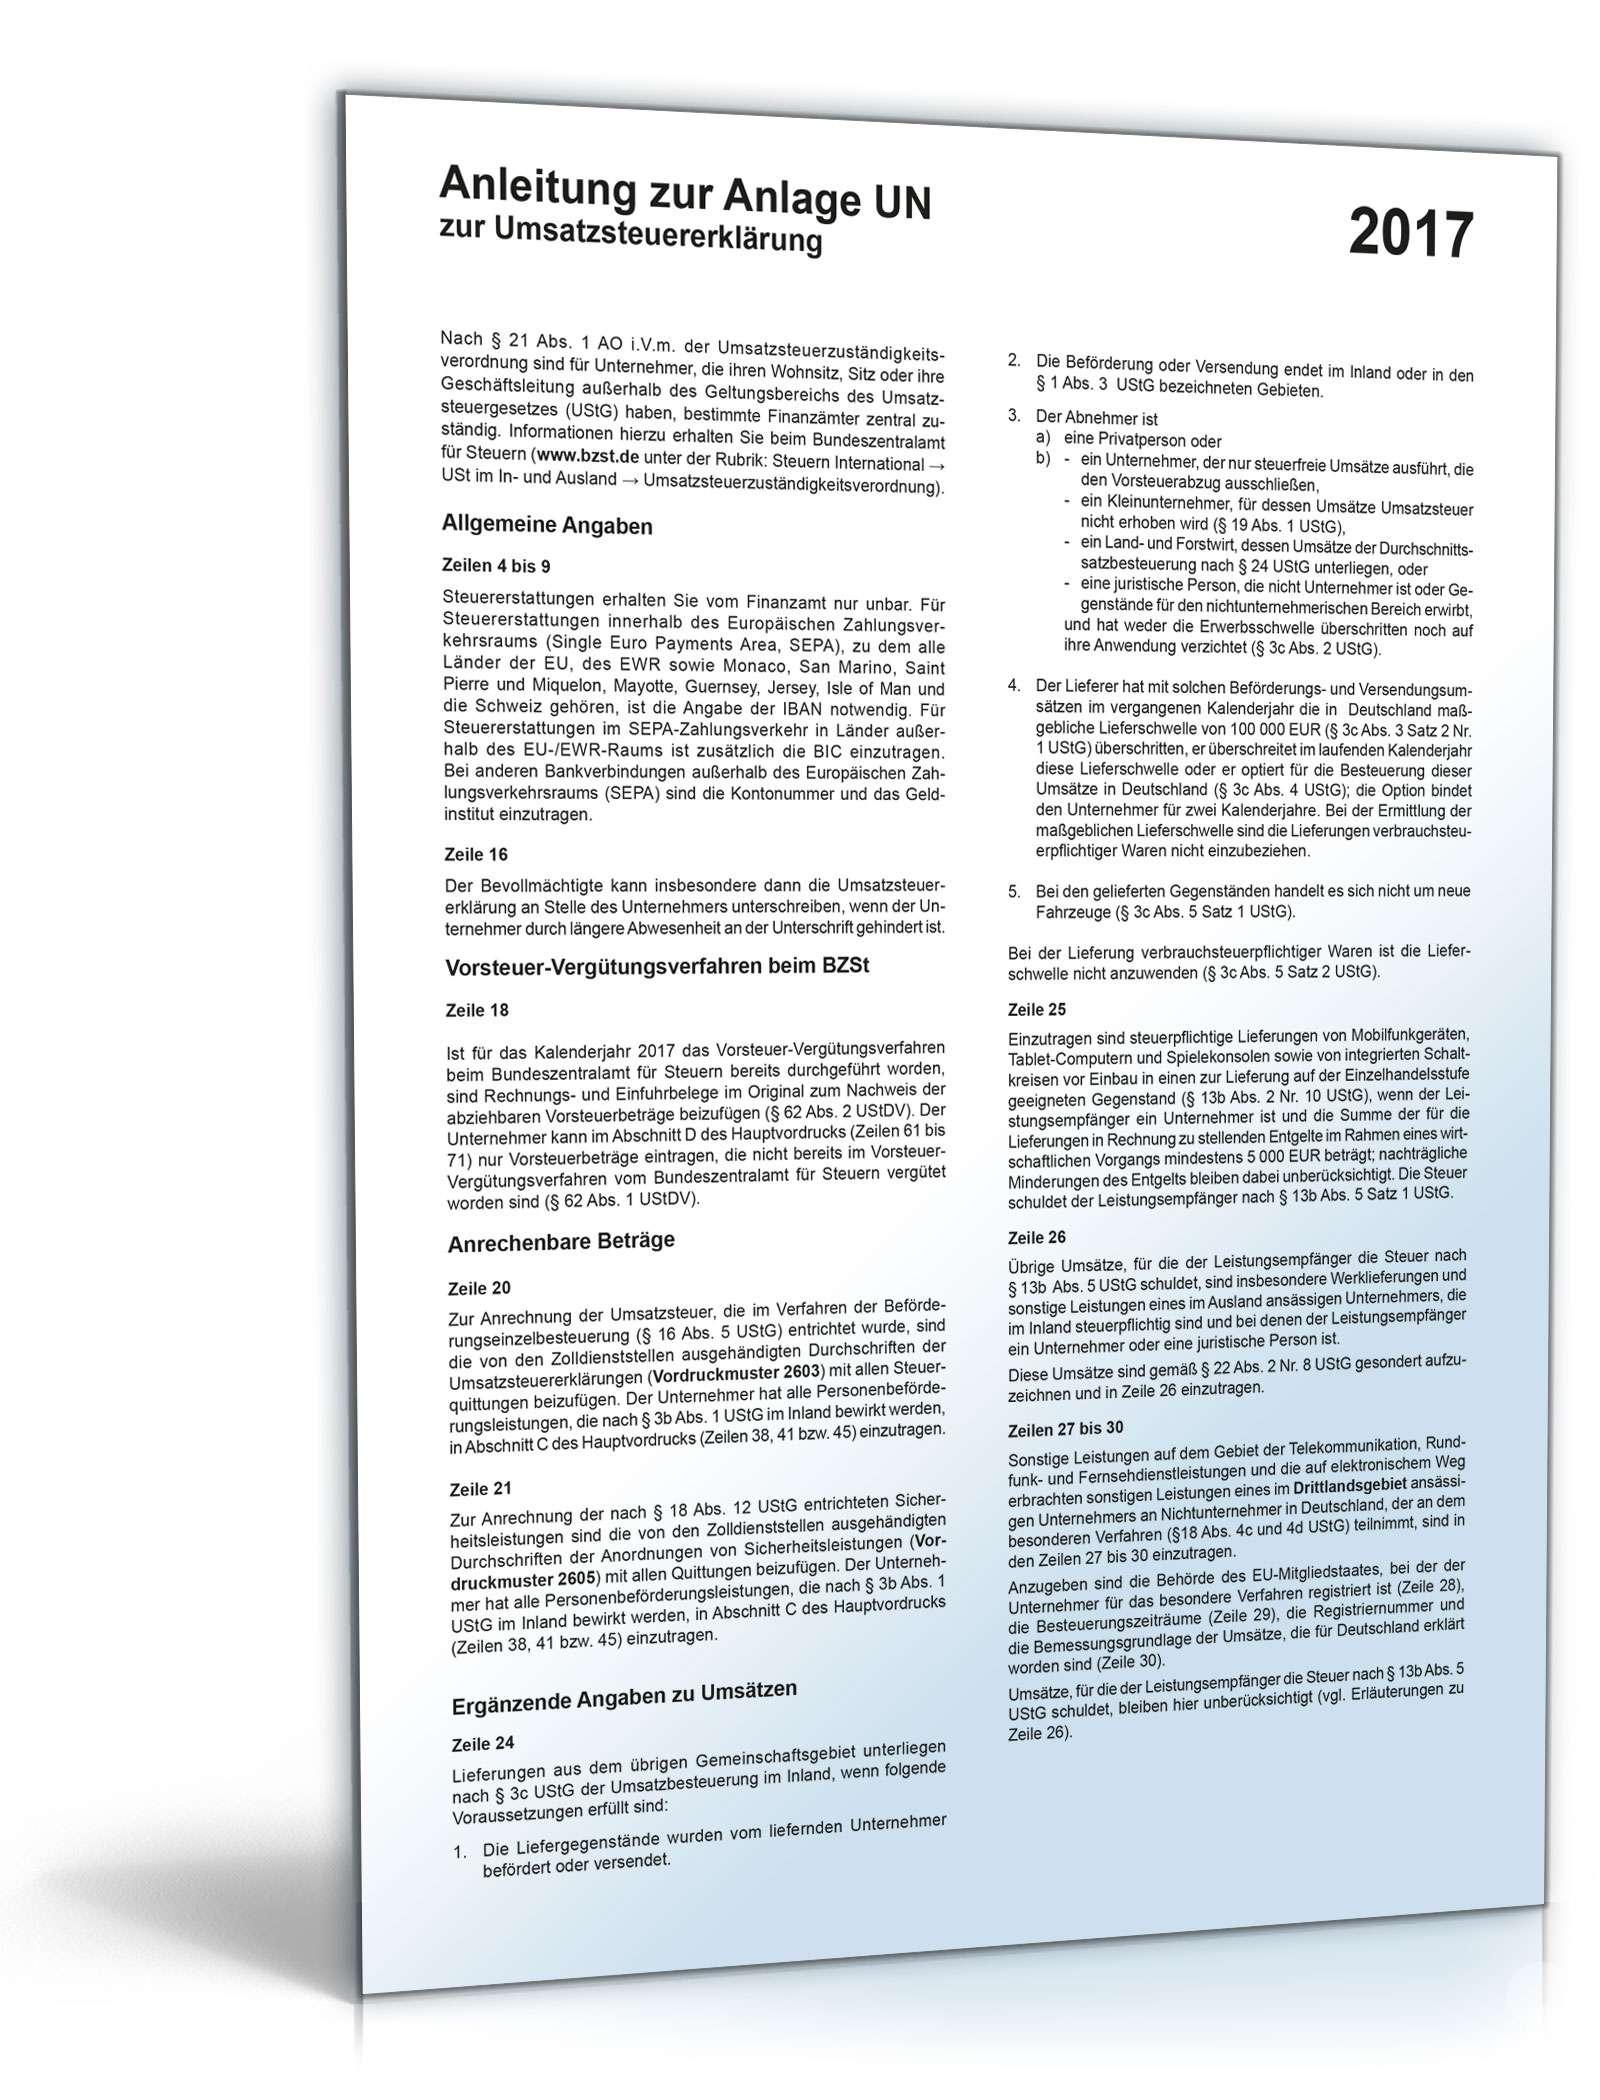 Anleitung zur Umsatzsteuererklärung 2017 Dokument zum Download